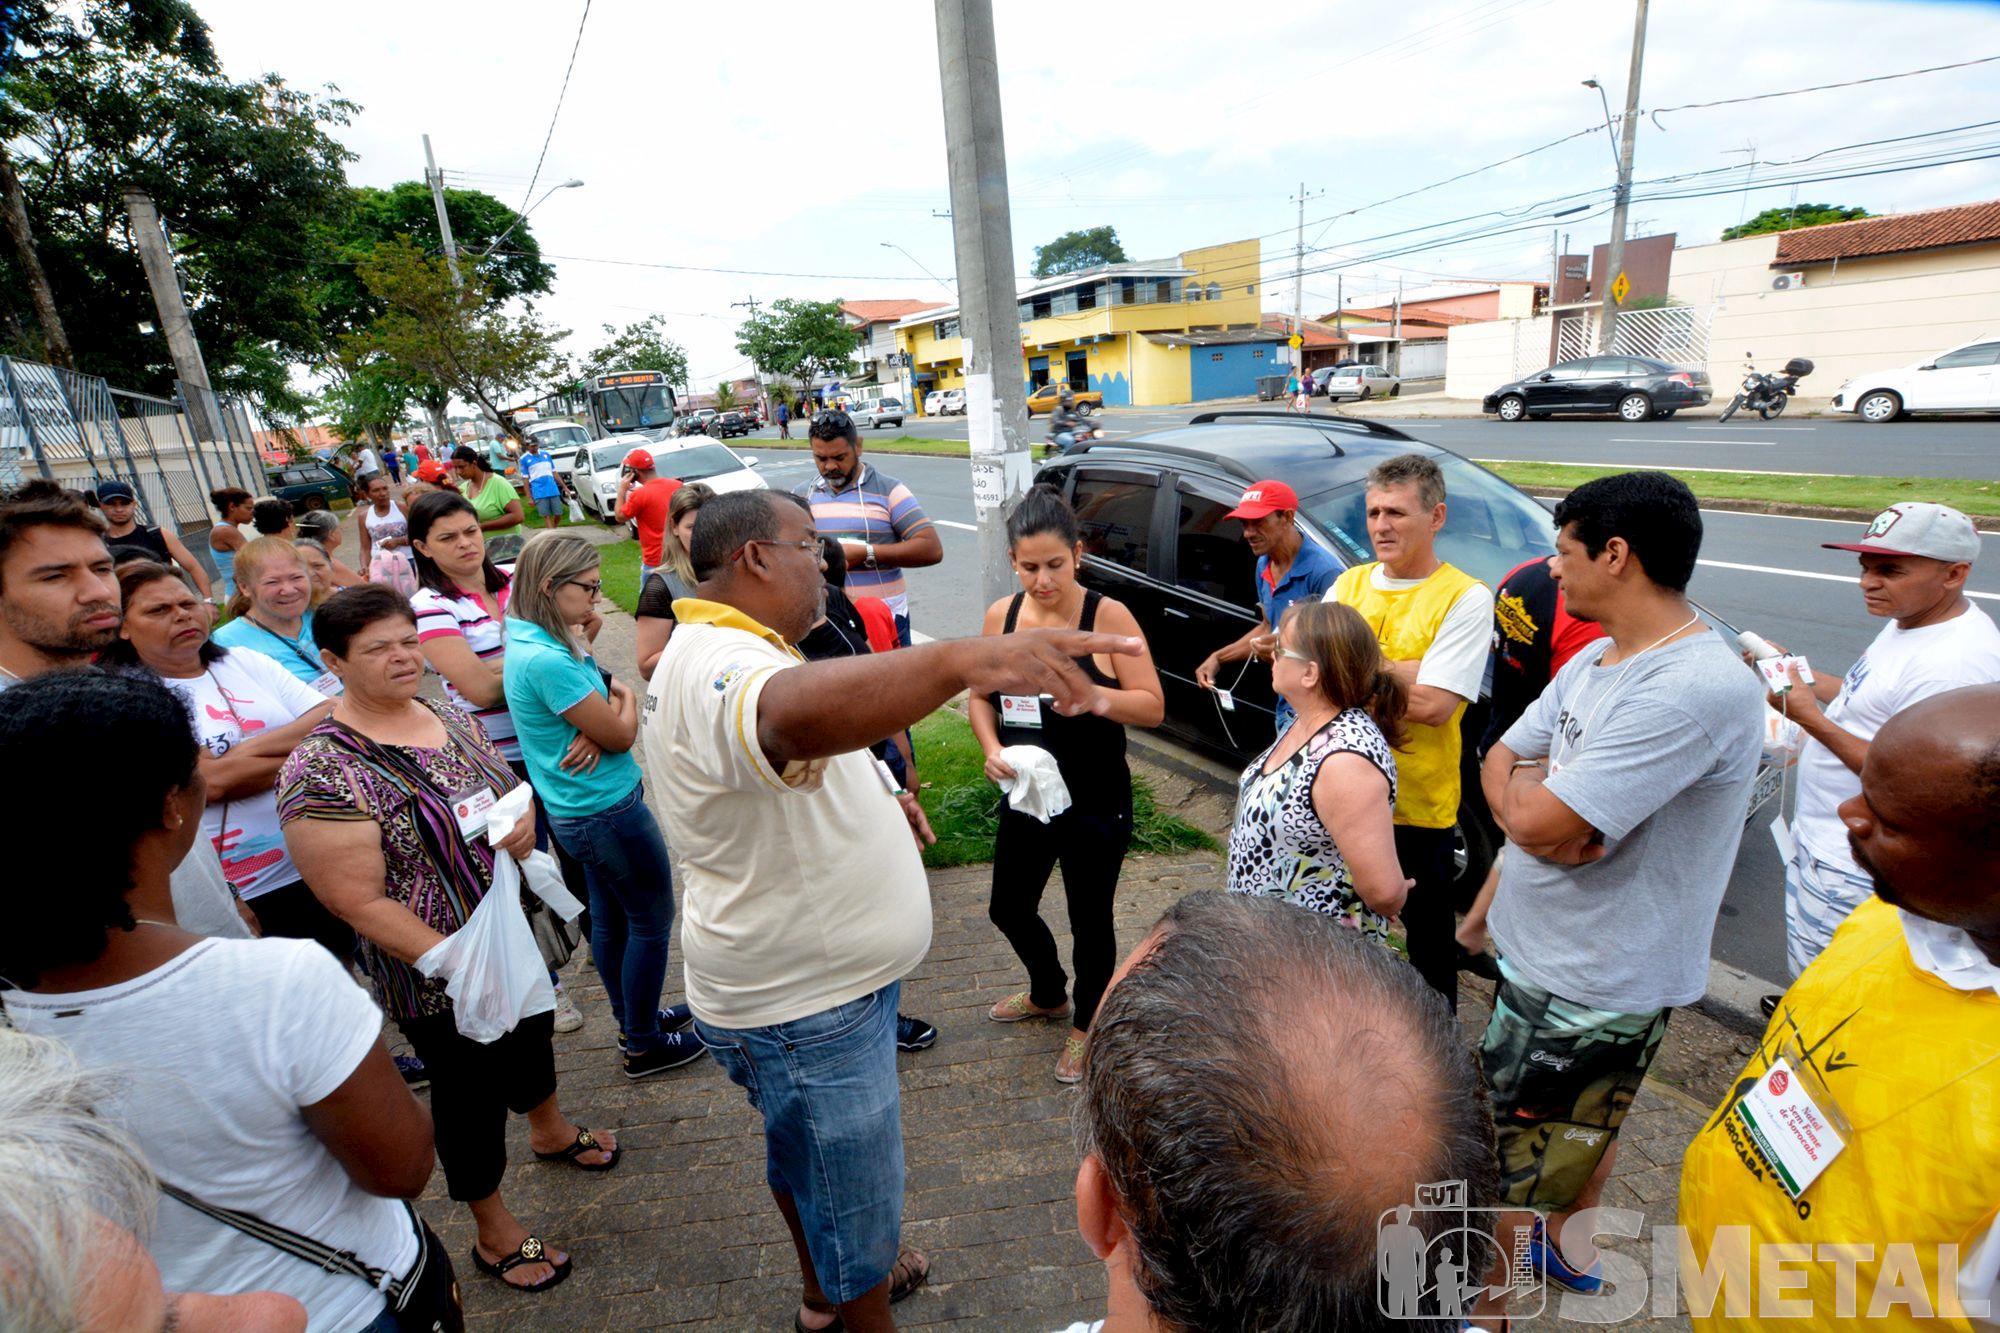 Mutirão da Solidariedade no Parque São Bento, natal,  fome,  mutirão, Foguinho/Imprensa SMetal, Mutirão no Parque São Bento arrecada 750 kg de alimentos